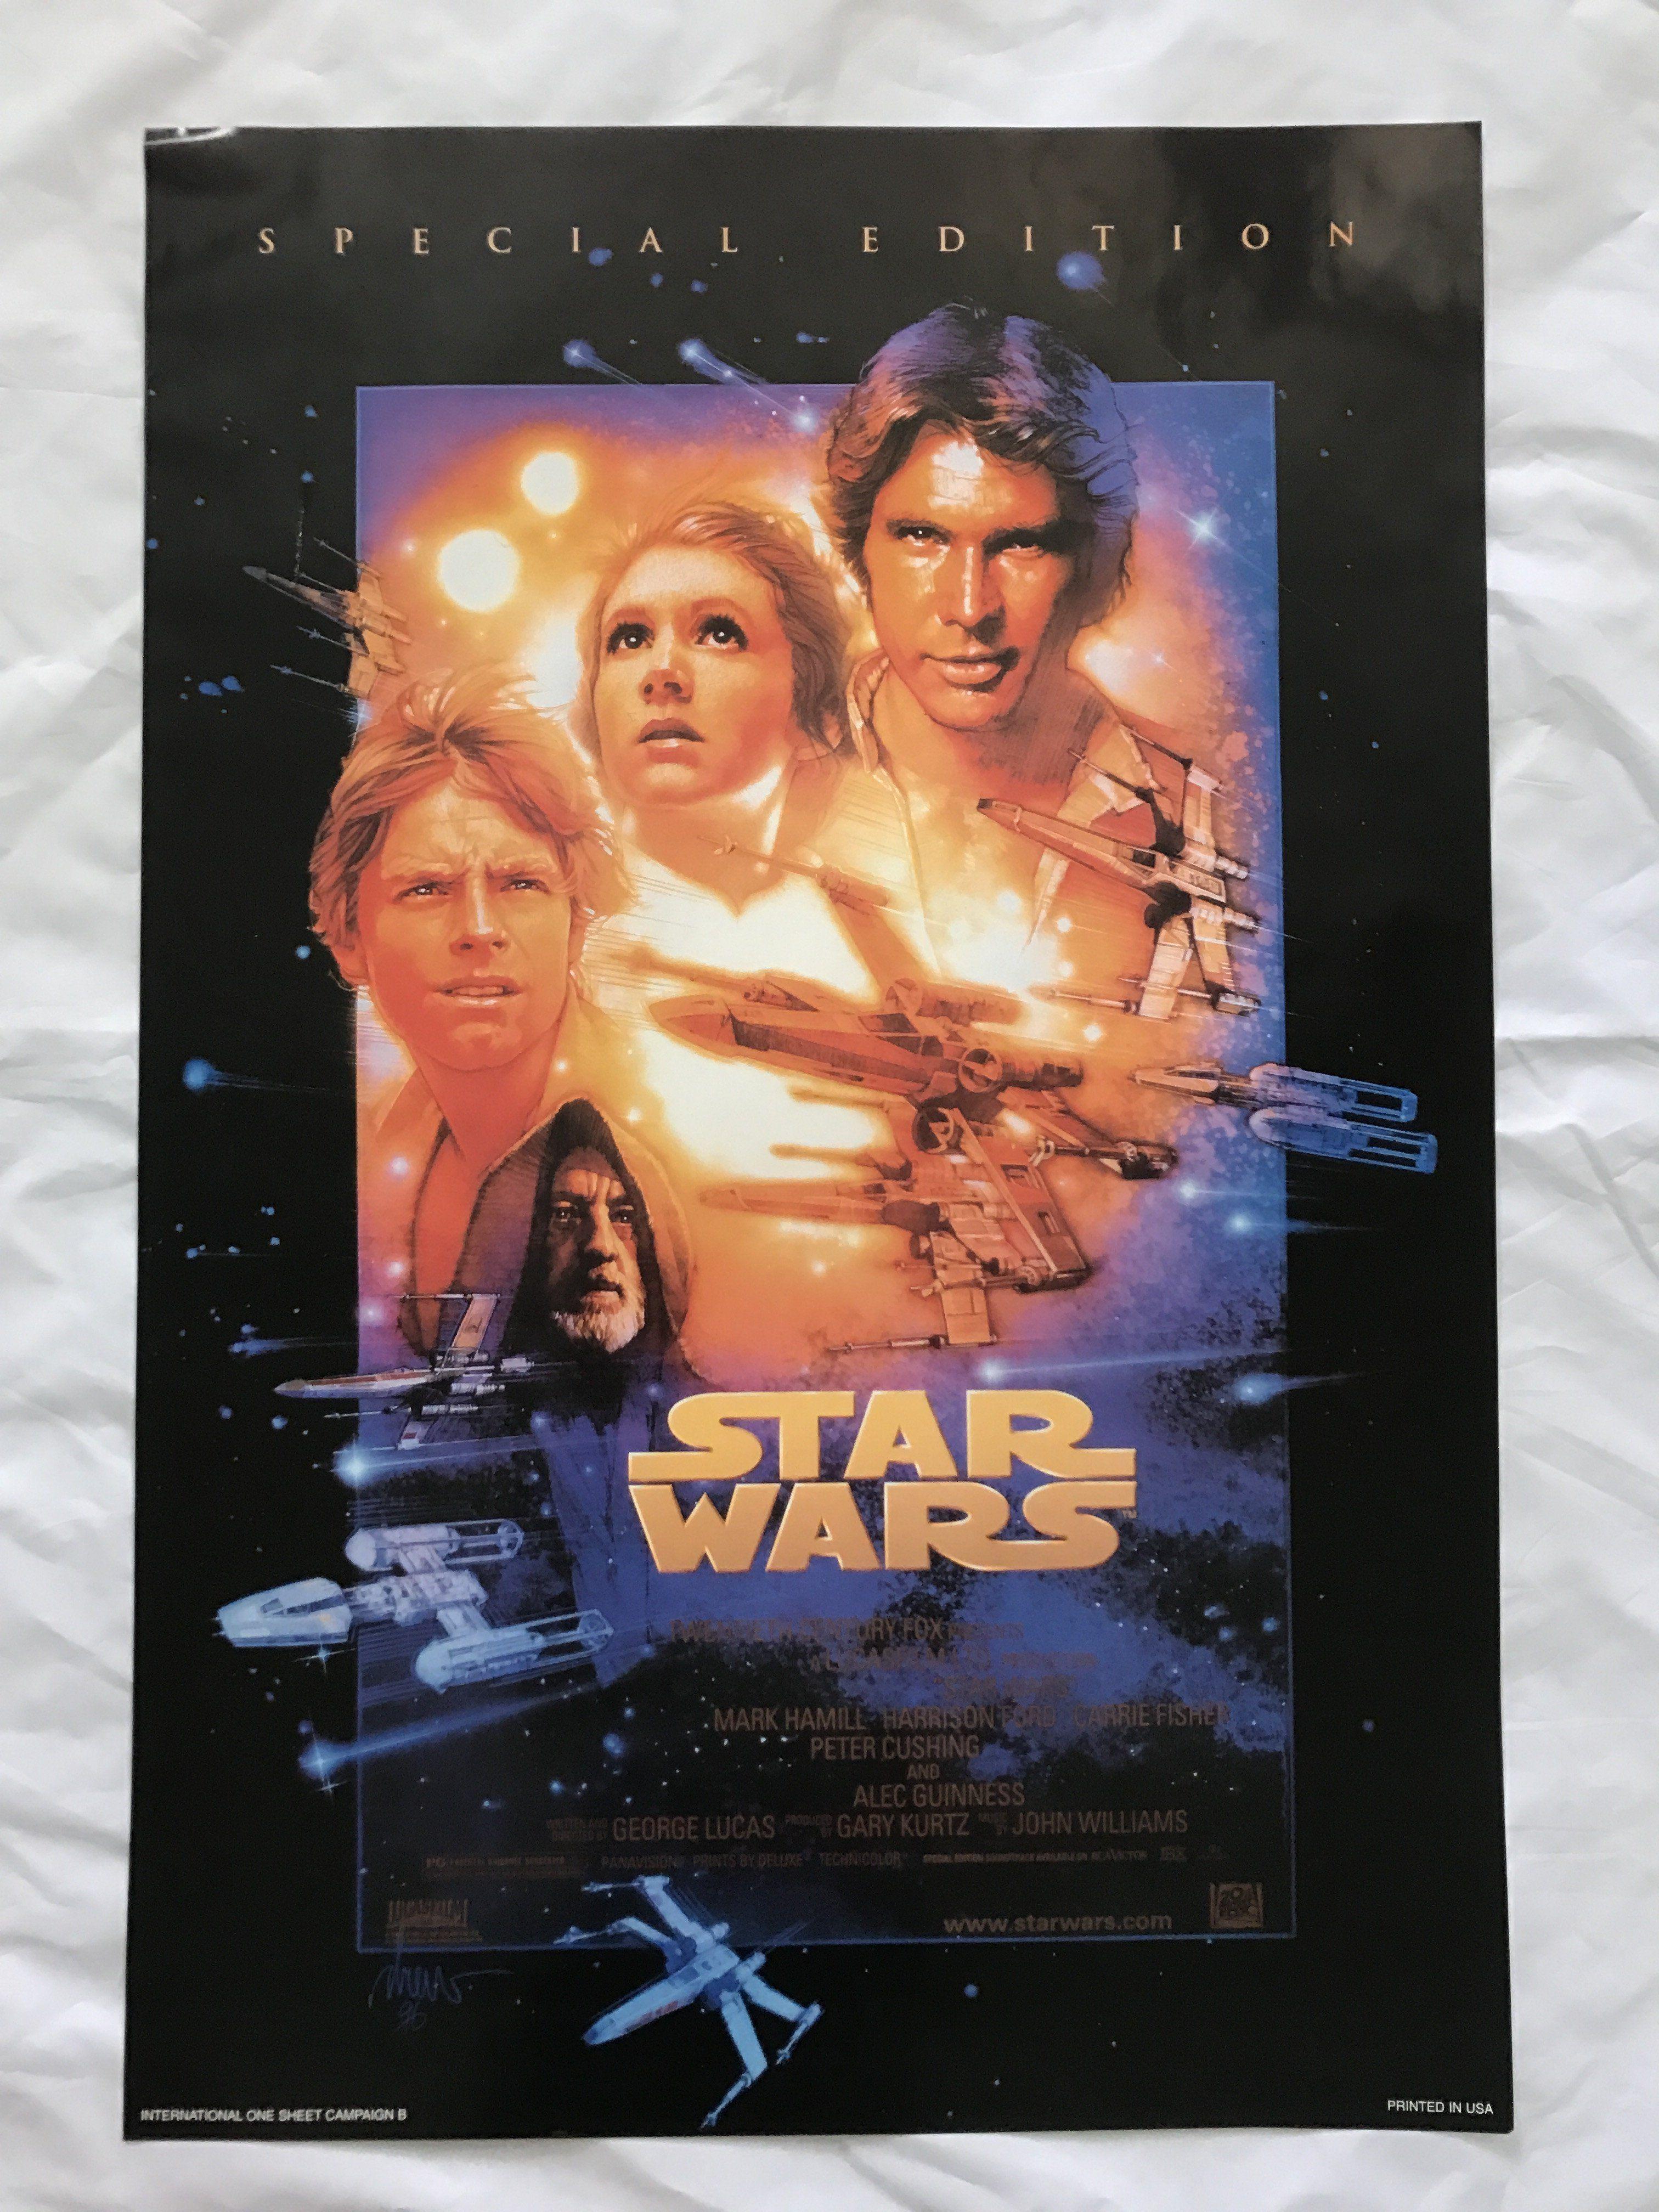 Star Wars 1997 Original Special Edition Movie Poster 27x40 Int L Canada Star Wars Movies Posters Star Wars Episode 4 Star Wars Episodes